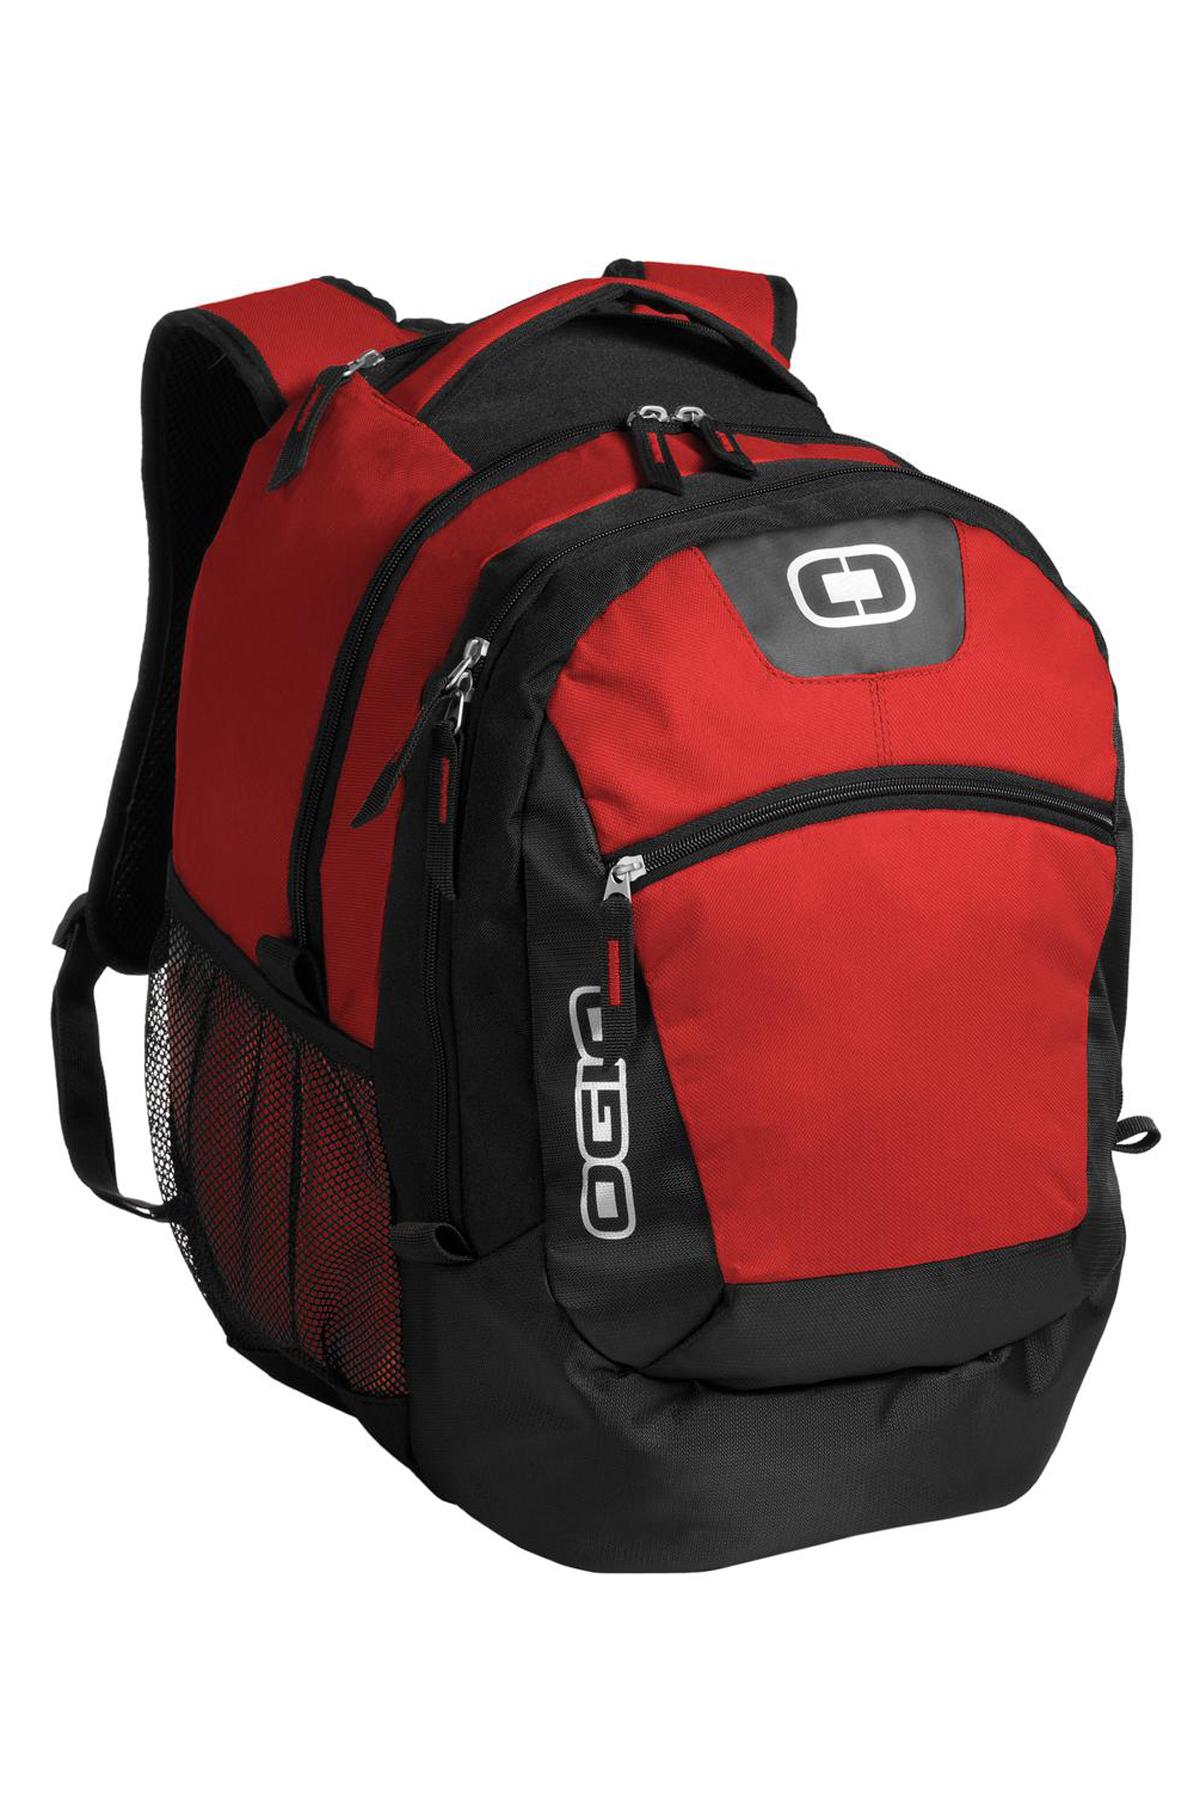 Bags-Backpacks-5